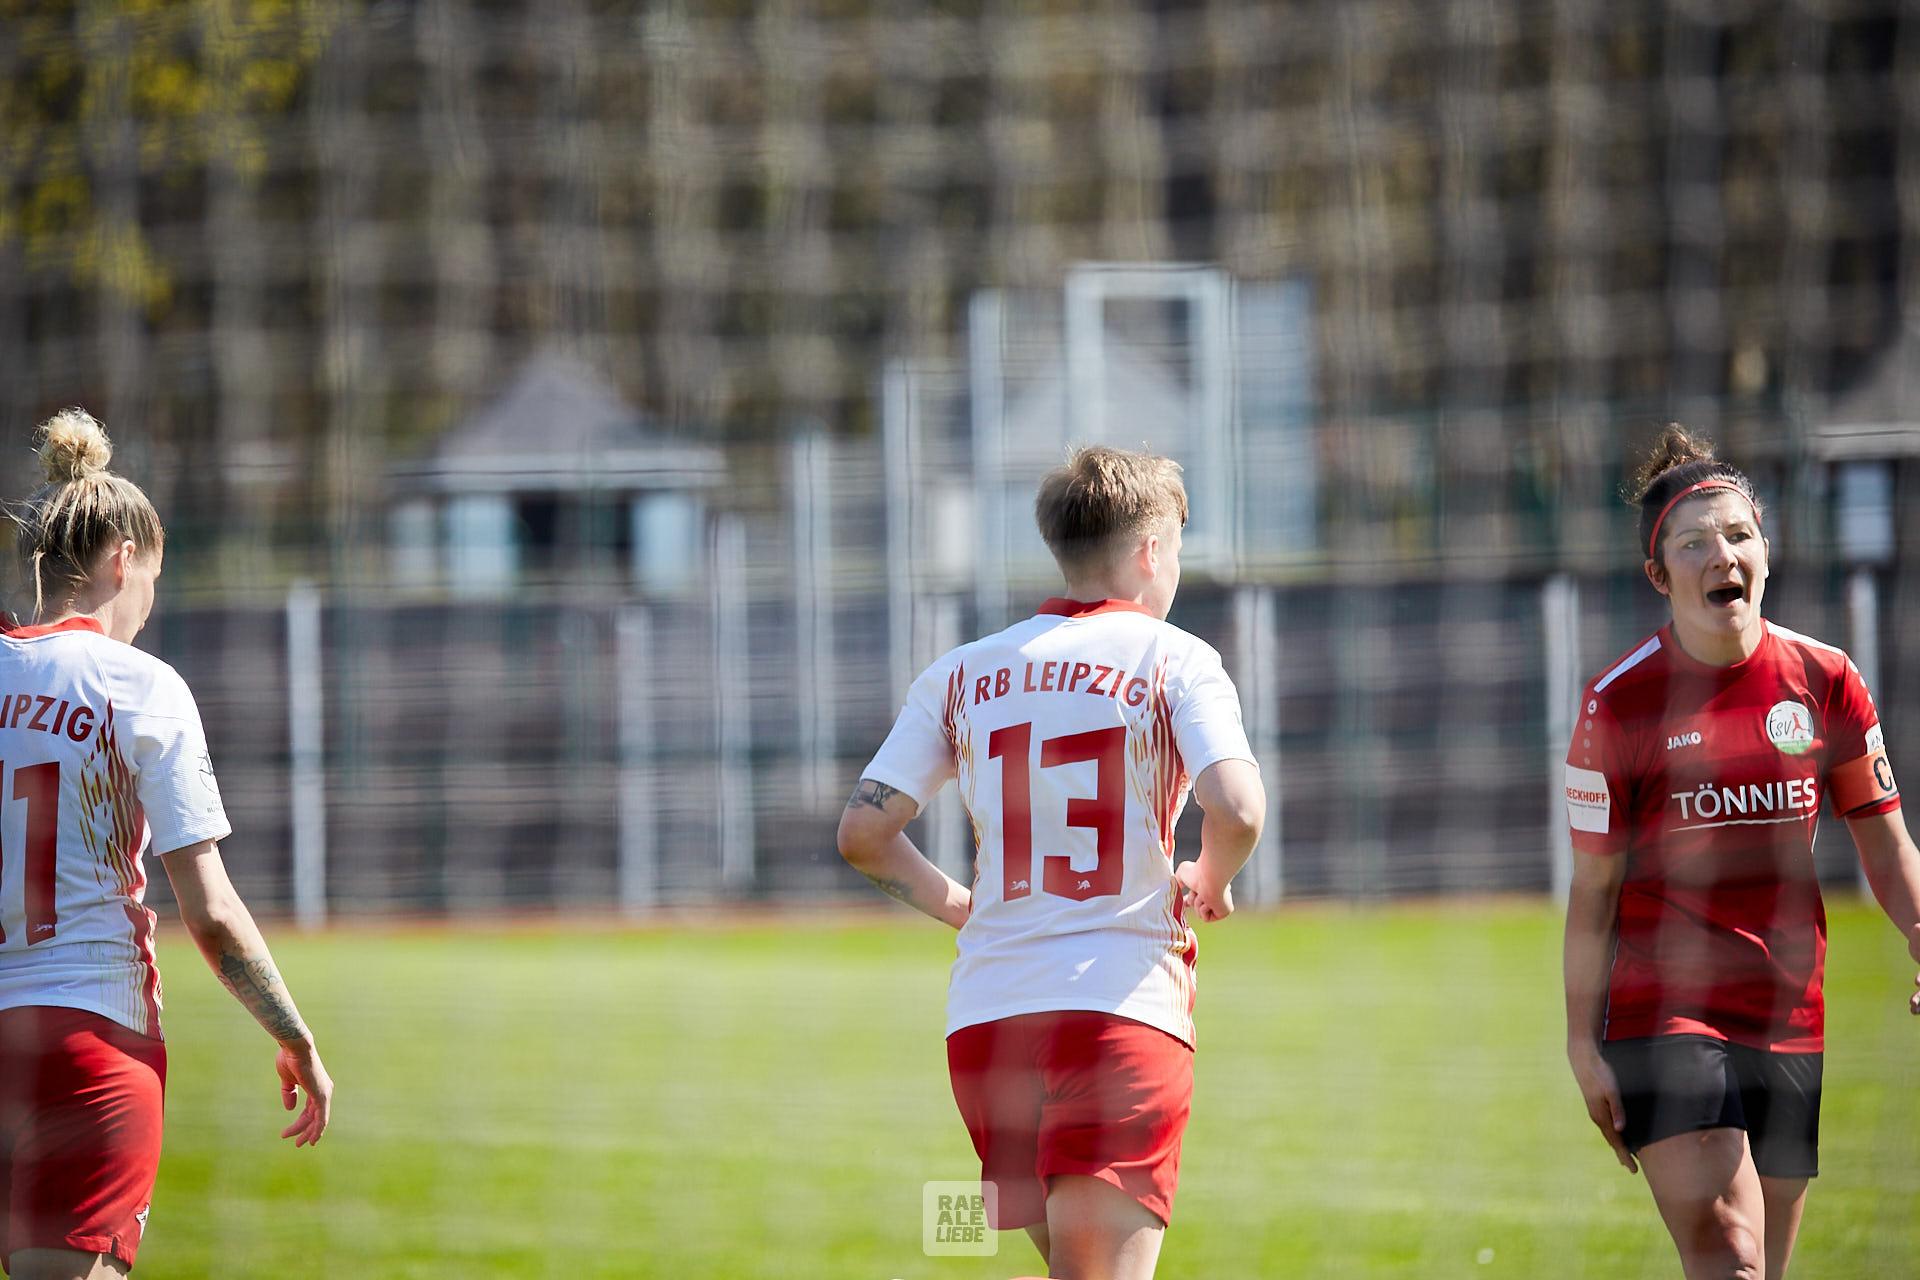 2. Frauenbundesliga: RB Leipzig -vs- FSV Gütersloh